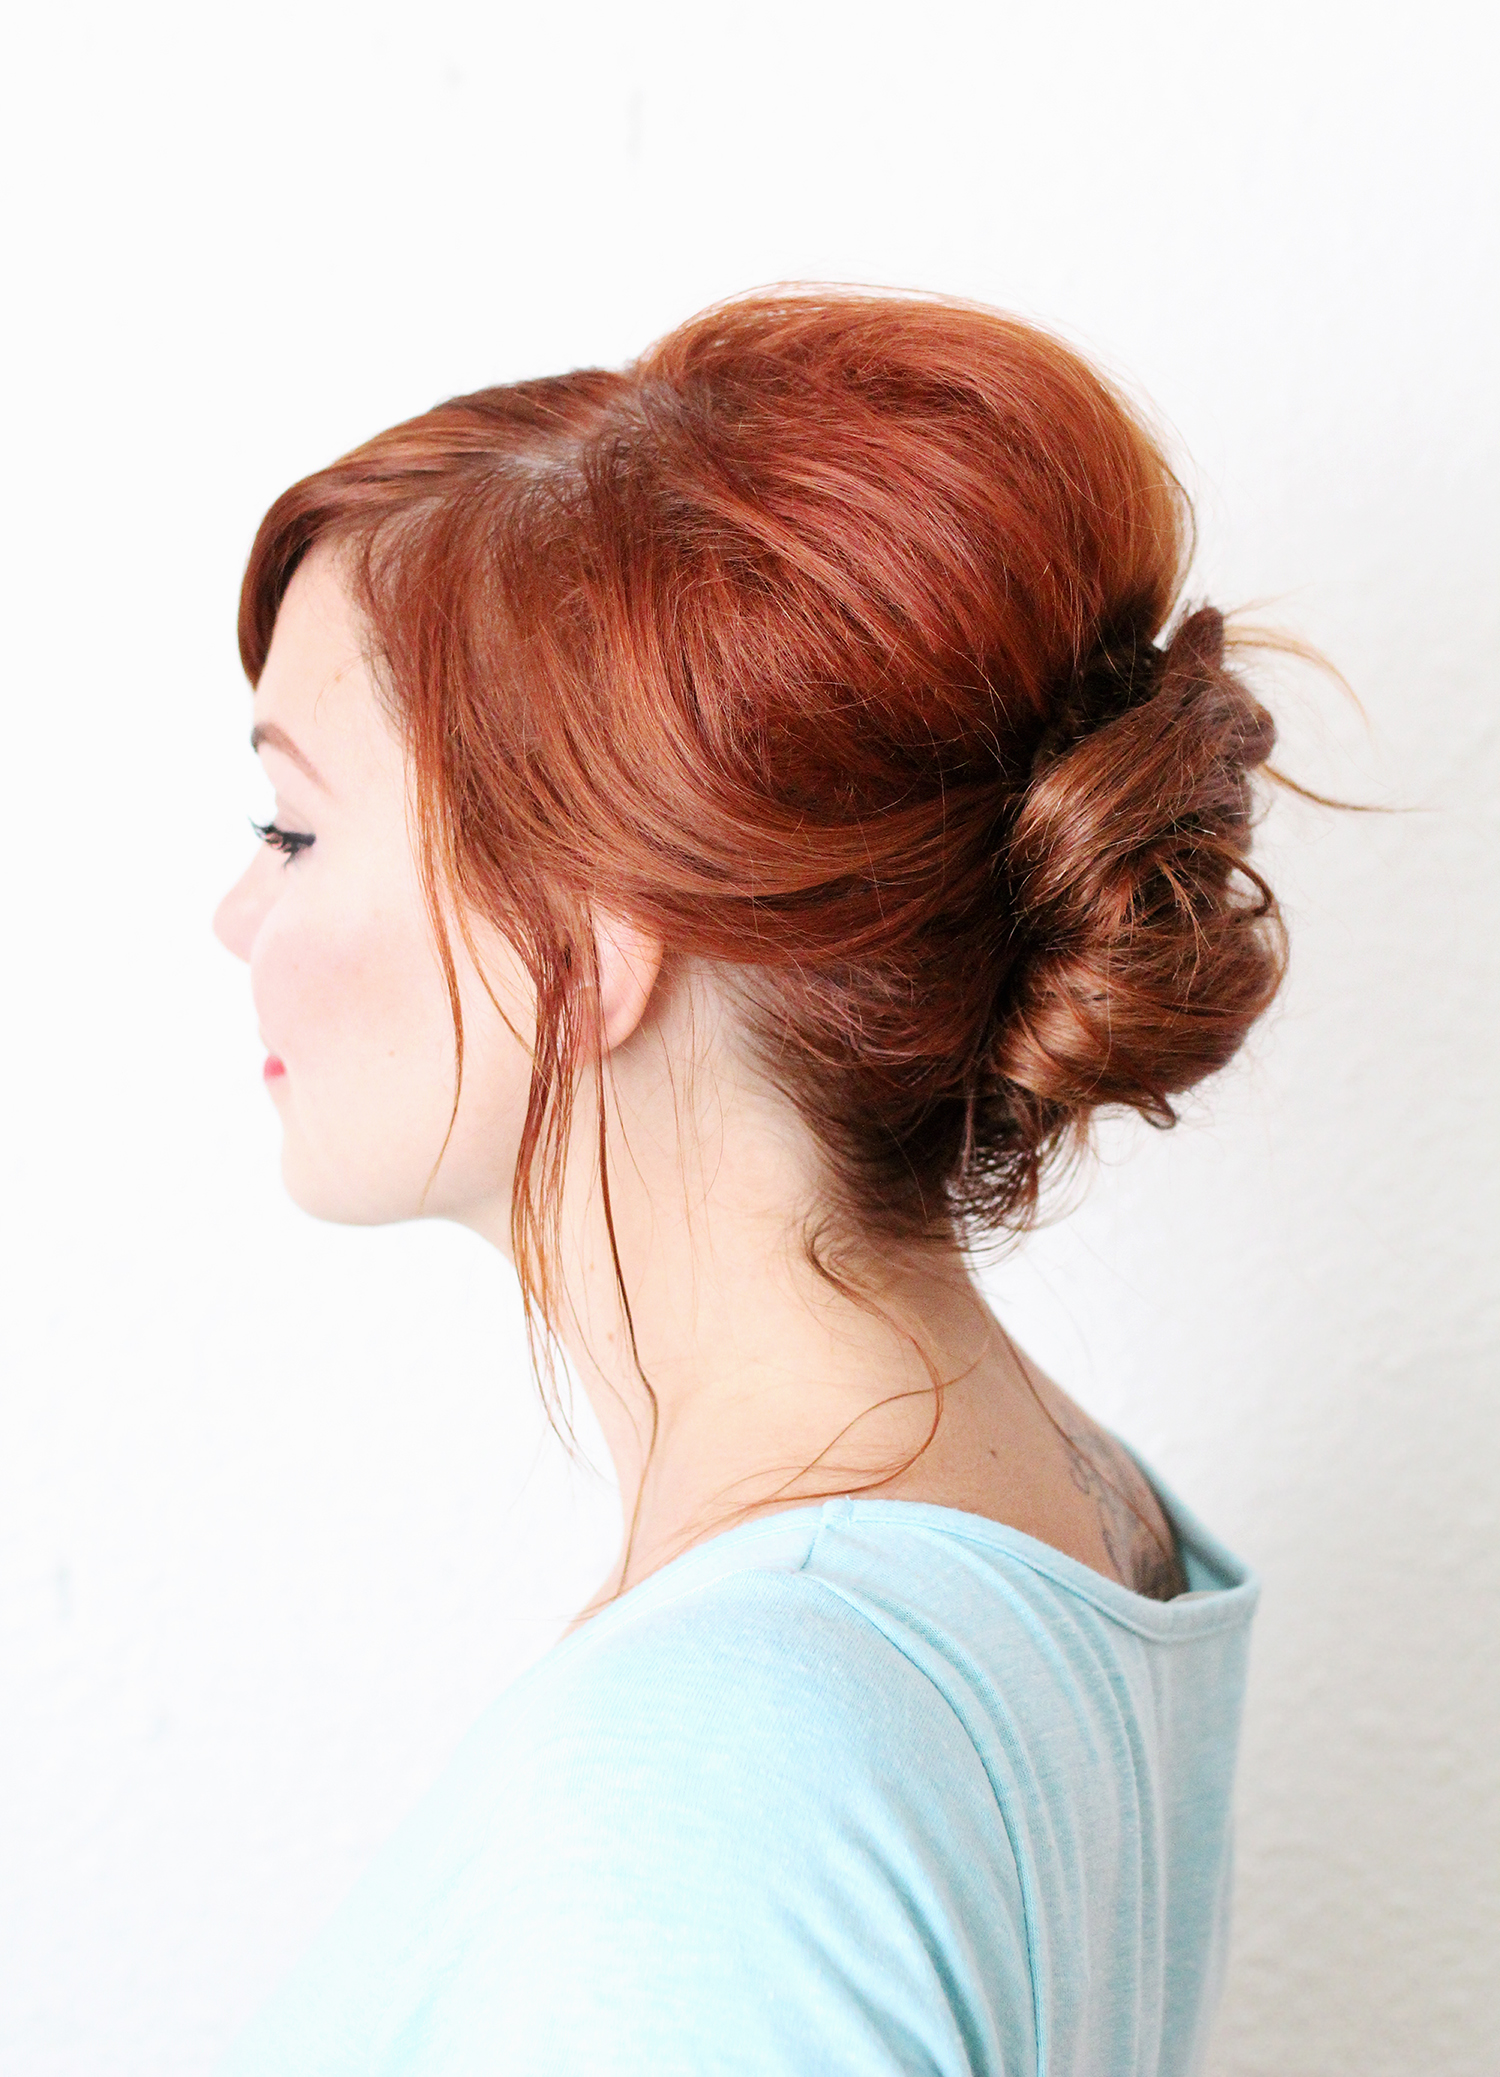 Быстрая причёска на каждый день со средними волосами - пучок с начесом фото мастер класс